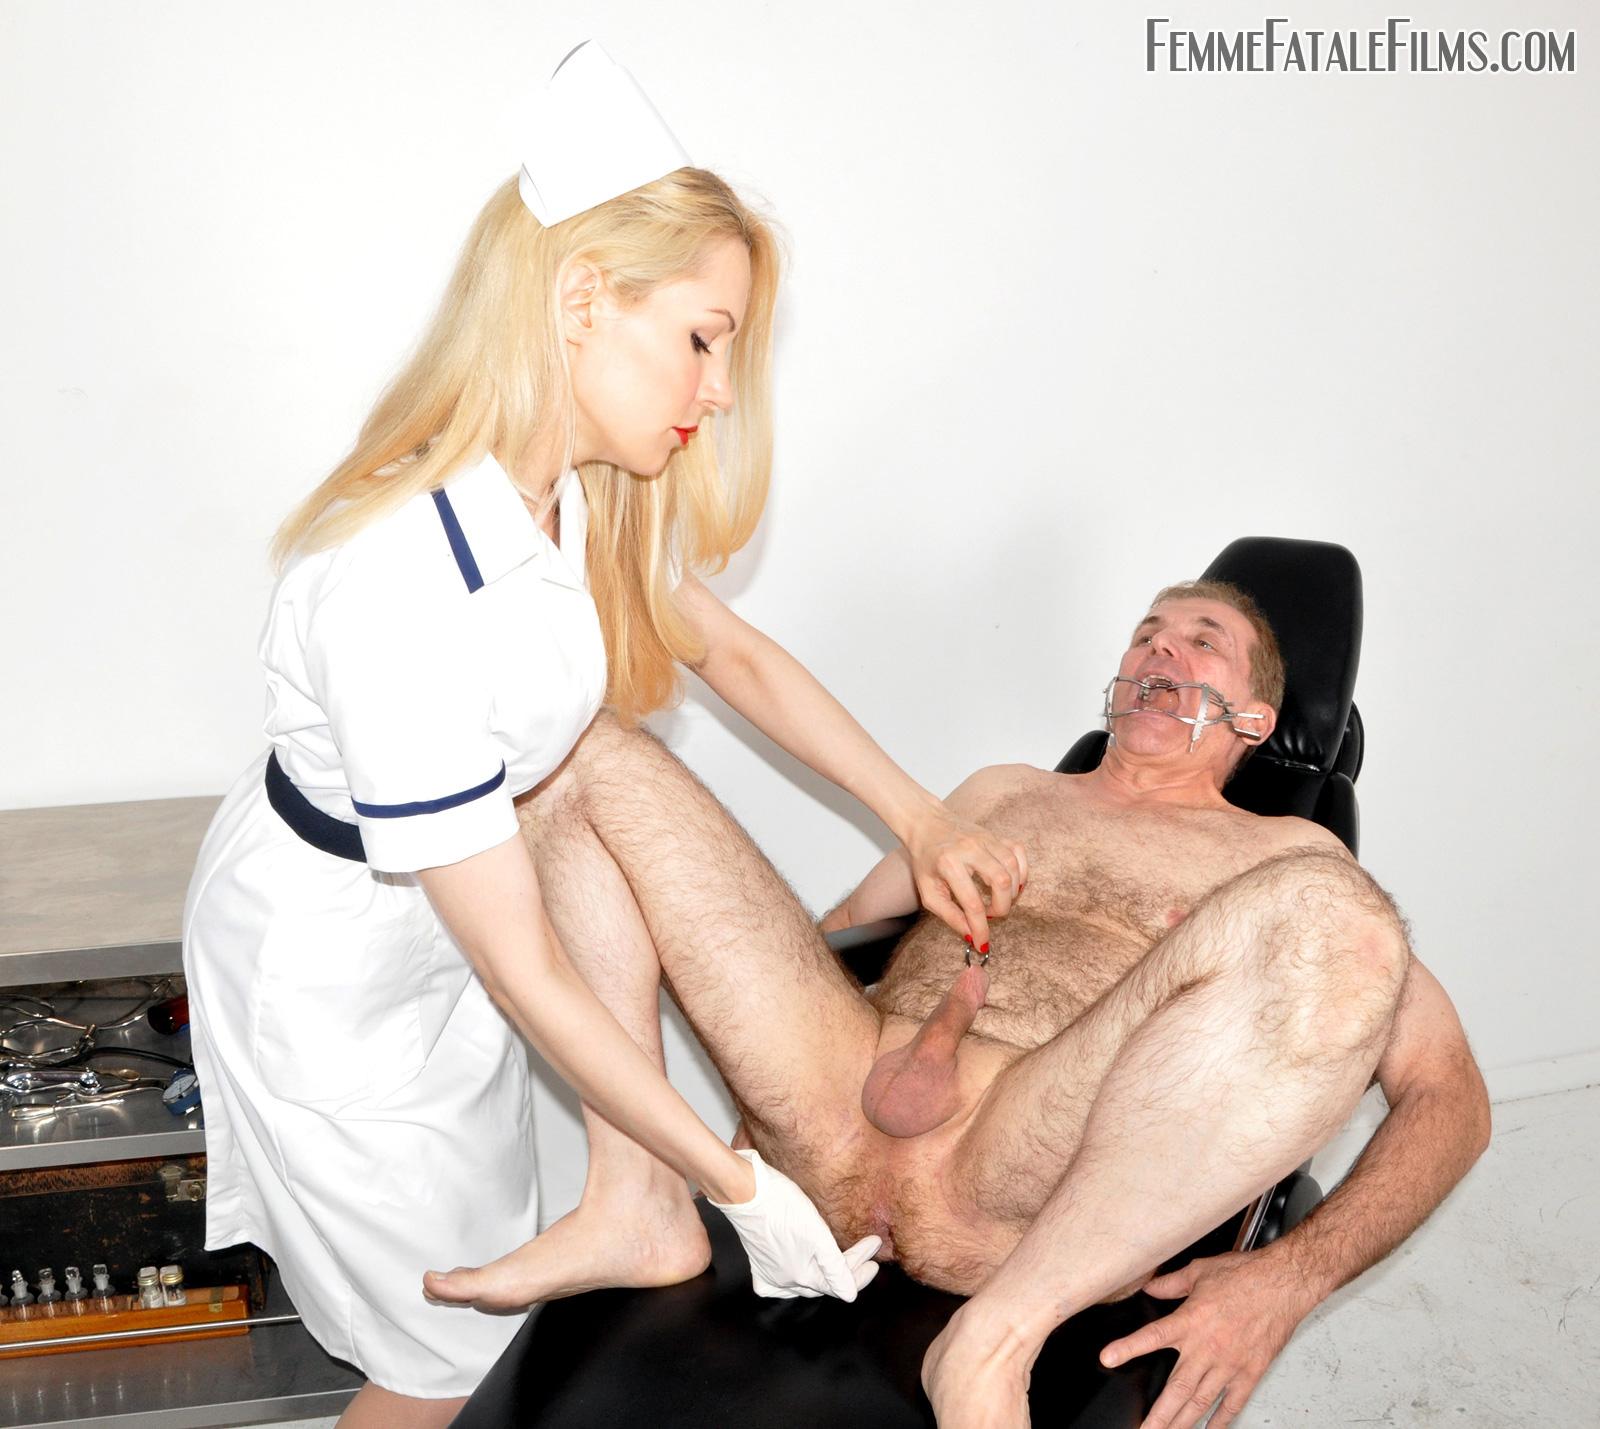 nurse doing prostate exam porn